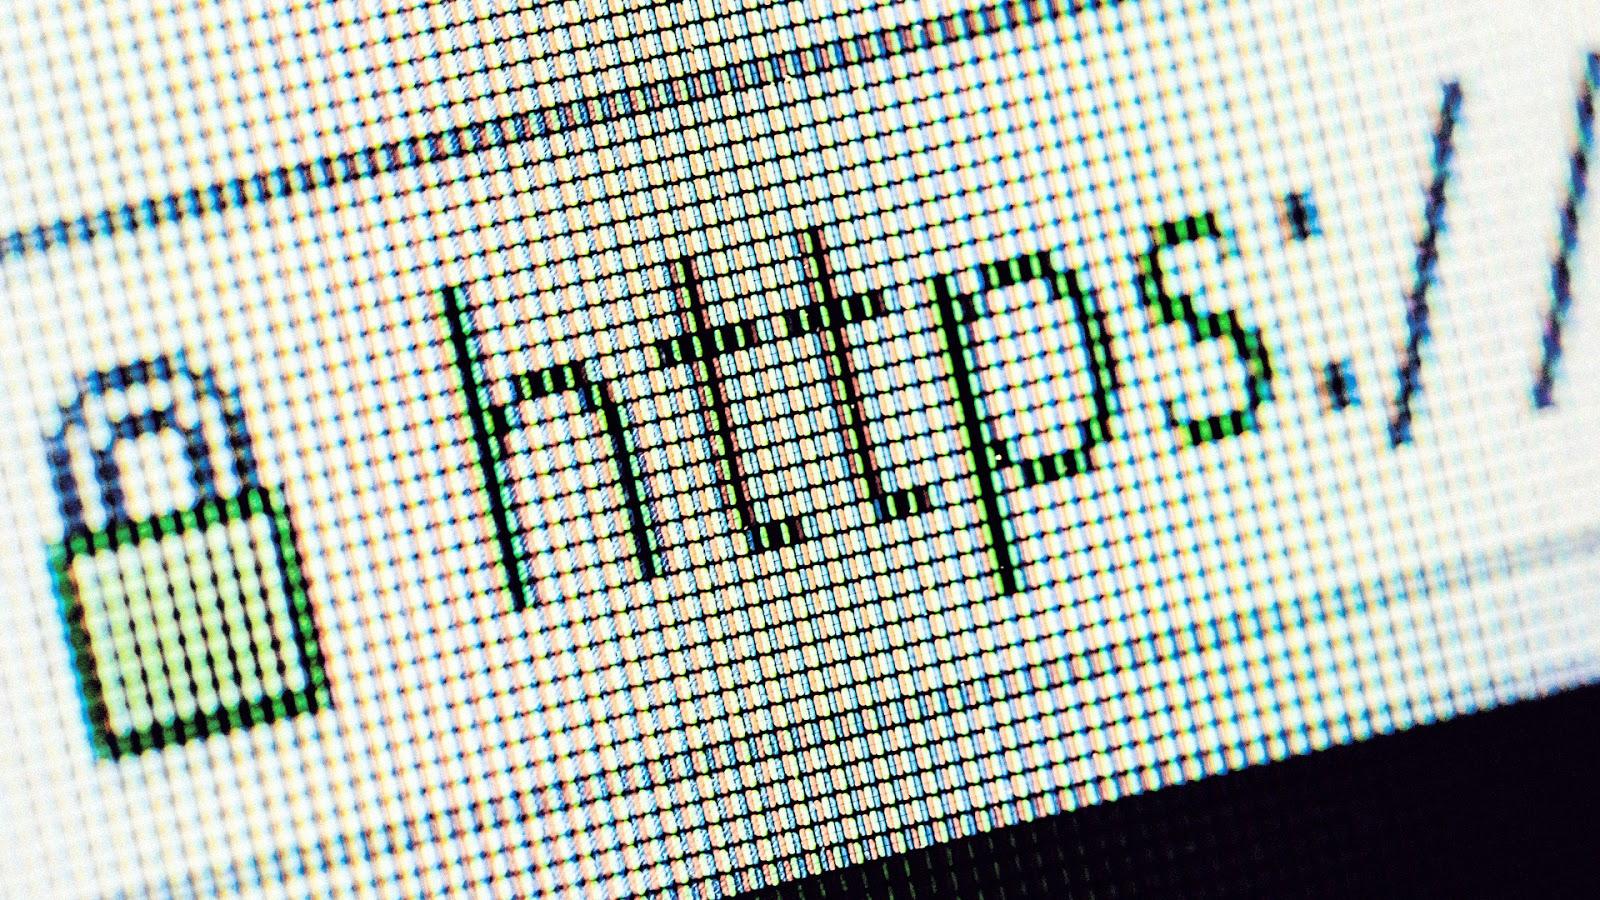 https-blogger-blogspot التصفح الآمن HTTPS في بلوجر: كيفية التفعيل وفوائده على سيو المدونات